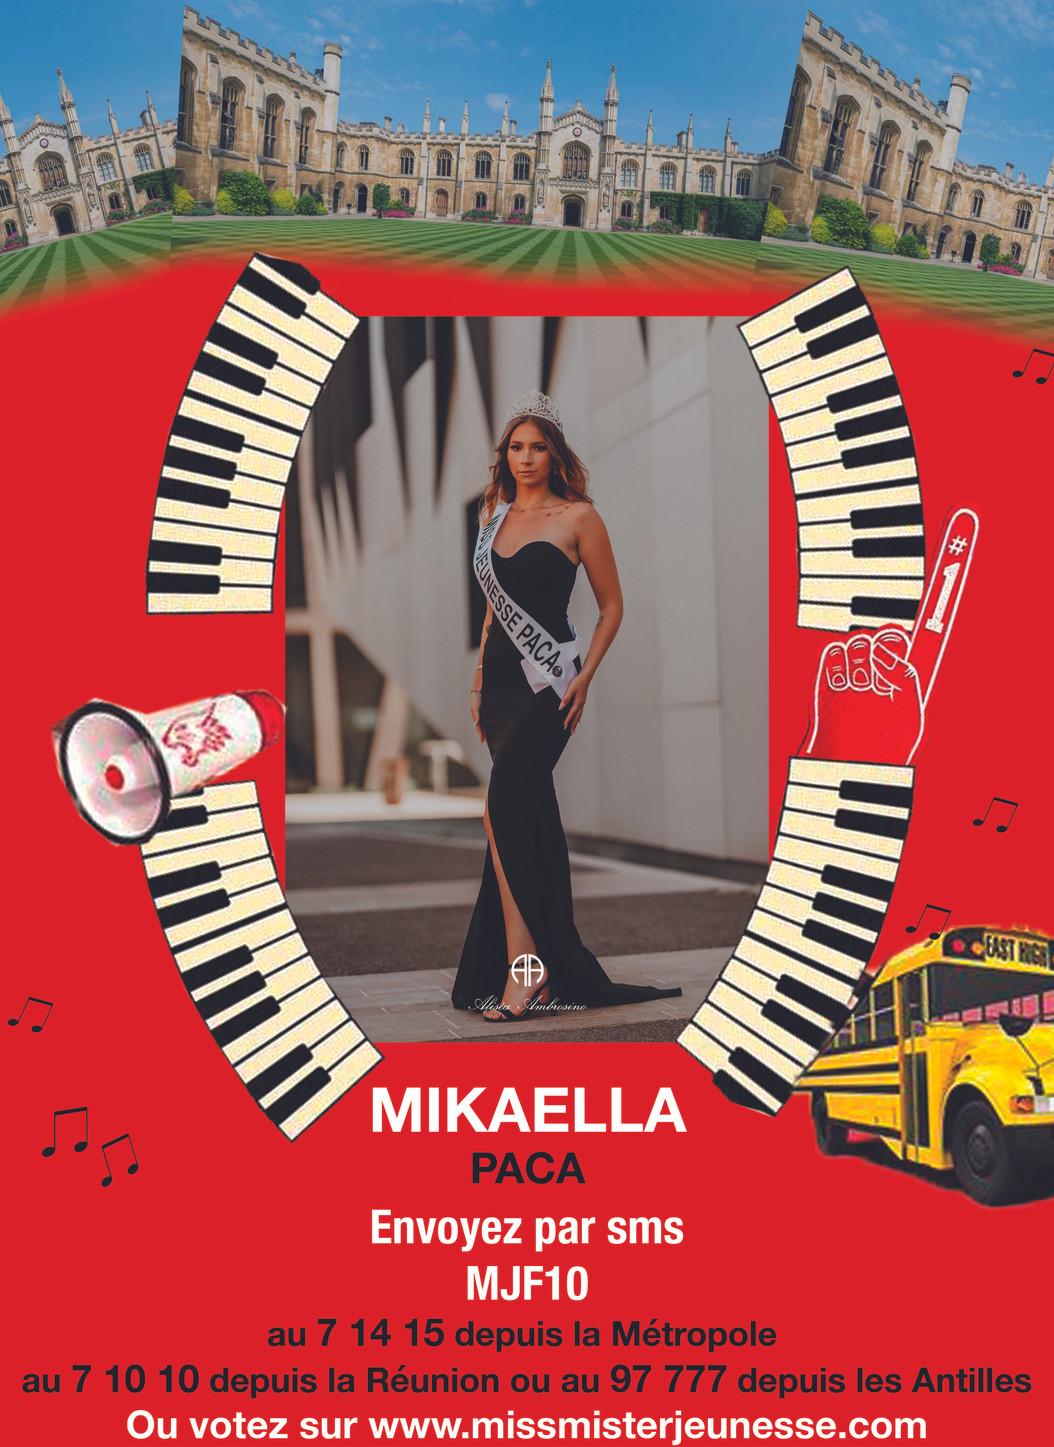 10 FICHE MIKAELLA.jpg